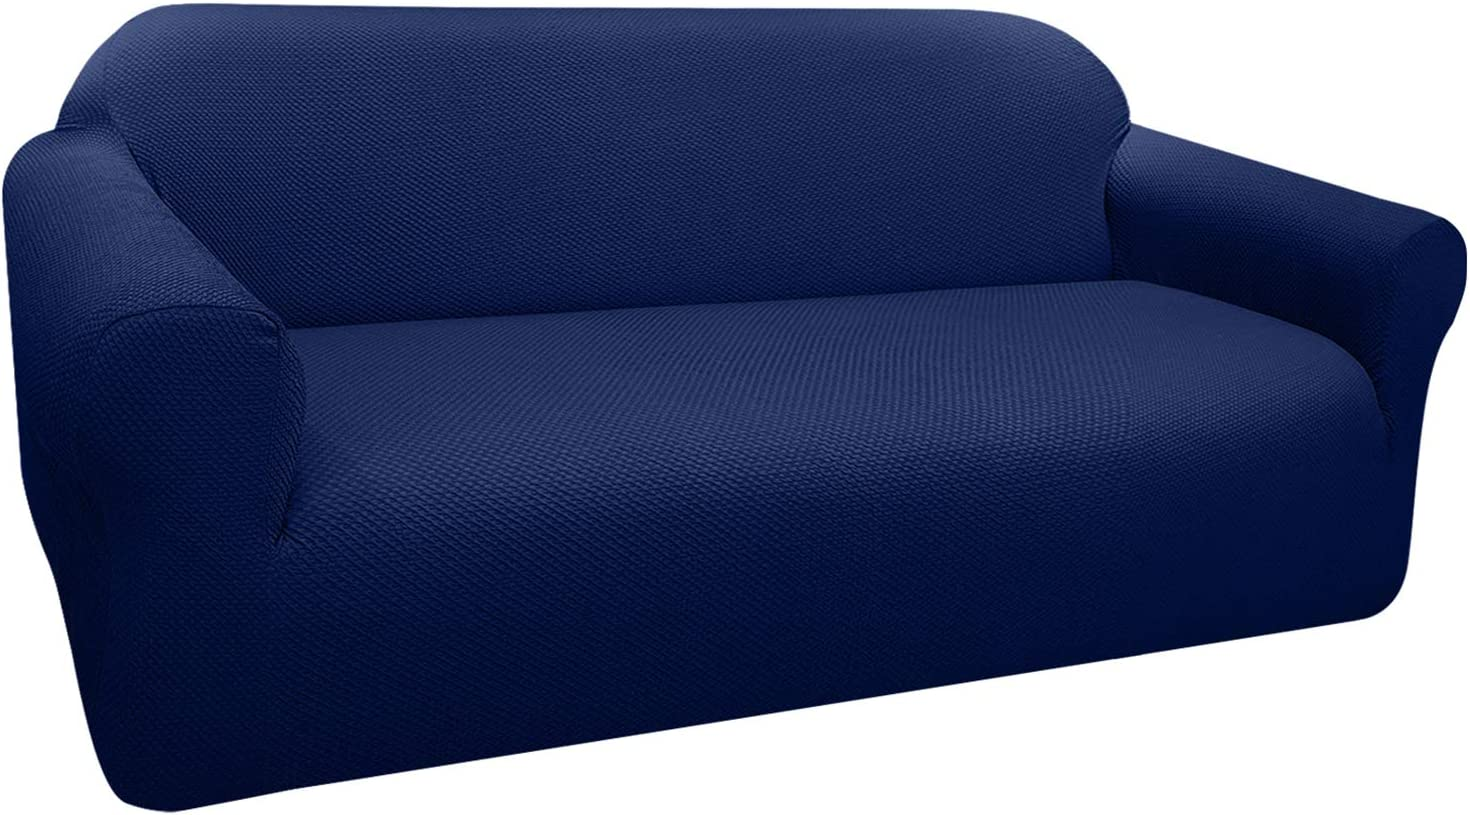 1 Sitzer, Creme Granbest Thick Sofabezug Stylish Pattern Sofa/überzug f/ür Sofa Stretch Elastische Jacquard Sofahusse Couchhusse mit Armlehne f/ür Wohnzimmer Anti-Rutsch